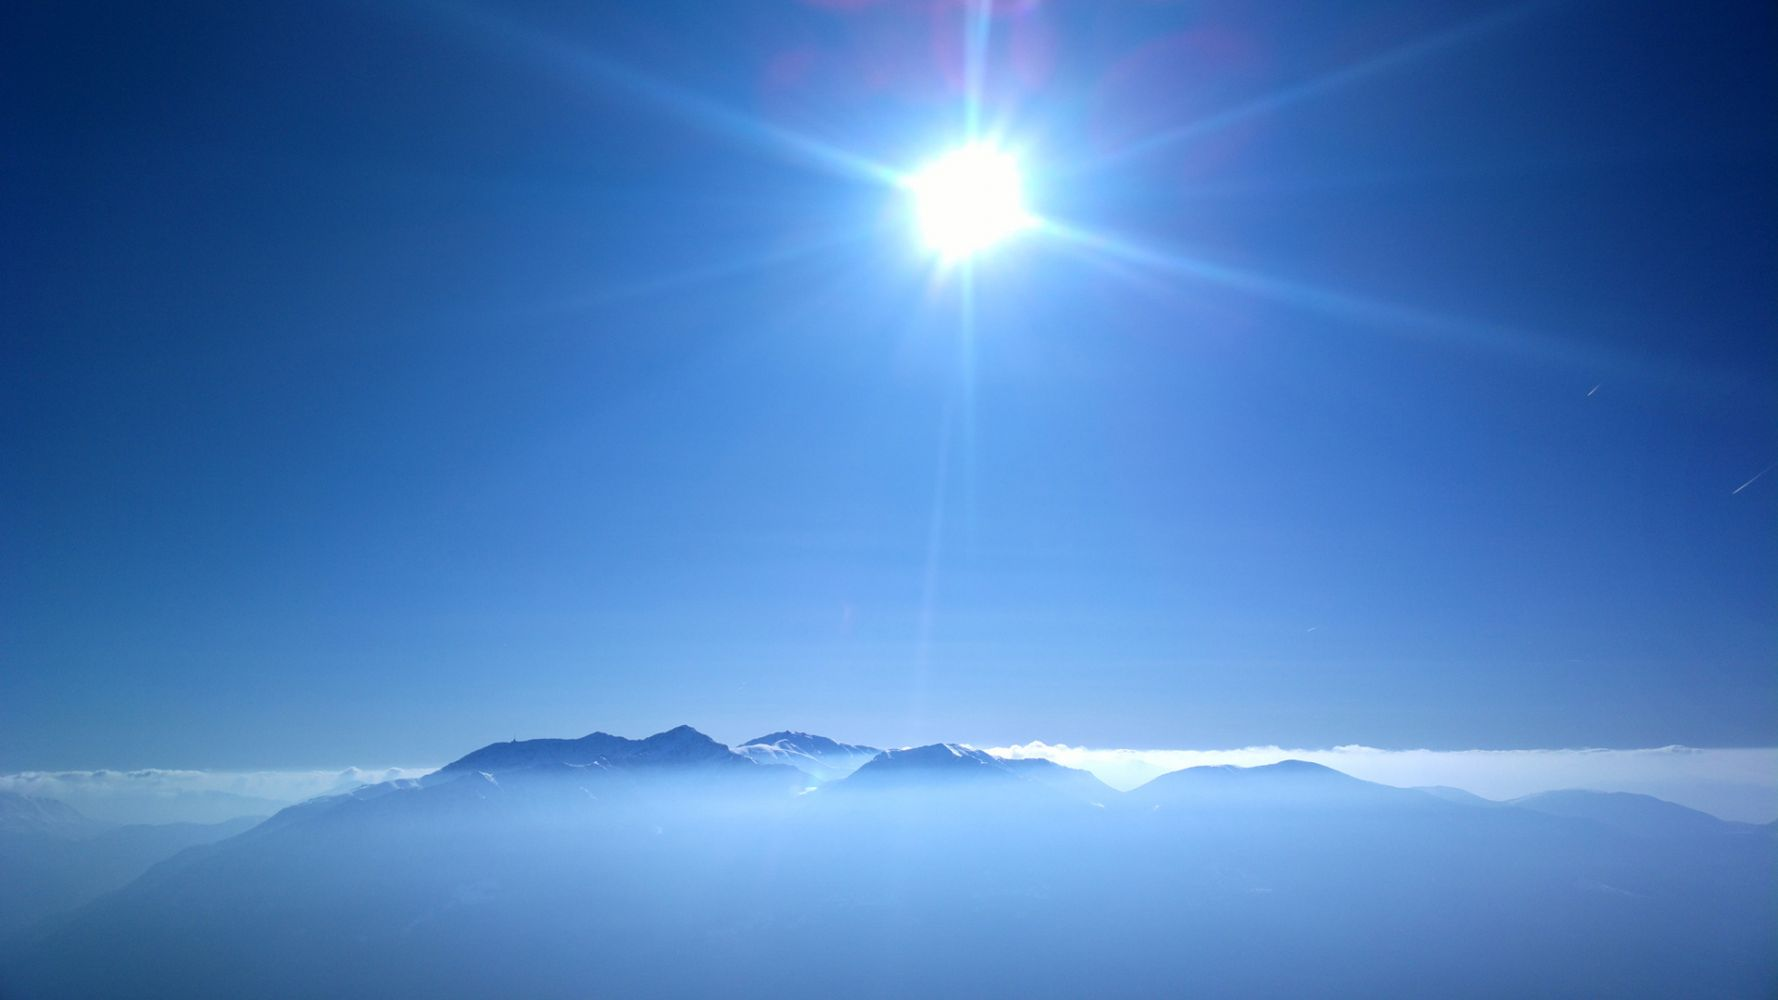 Hình nền đẹp bầu trời màu xanh